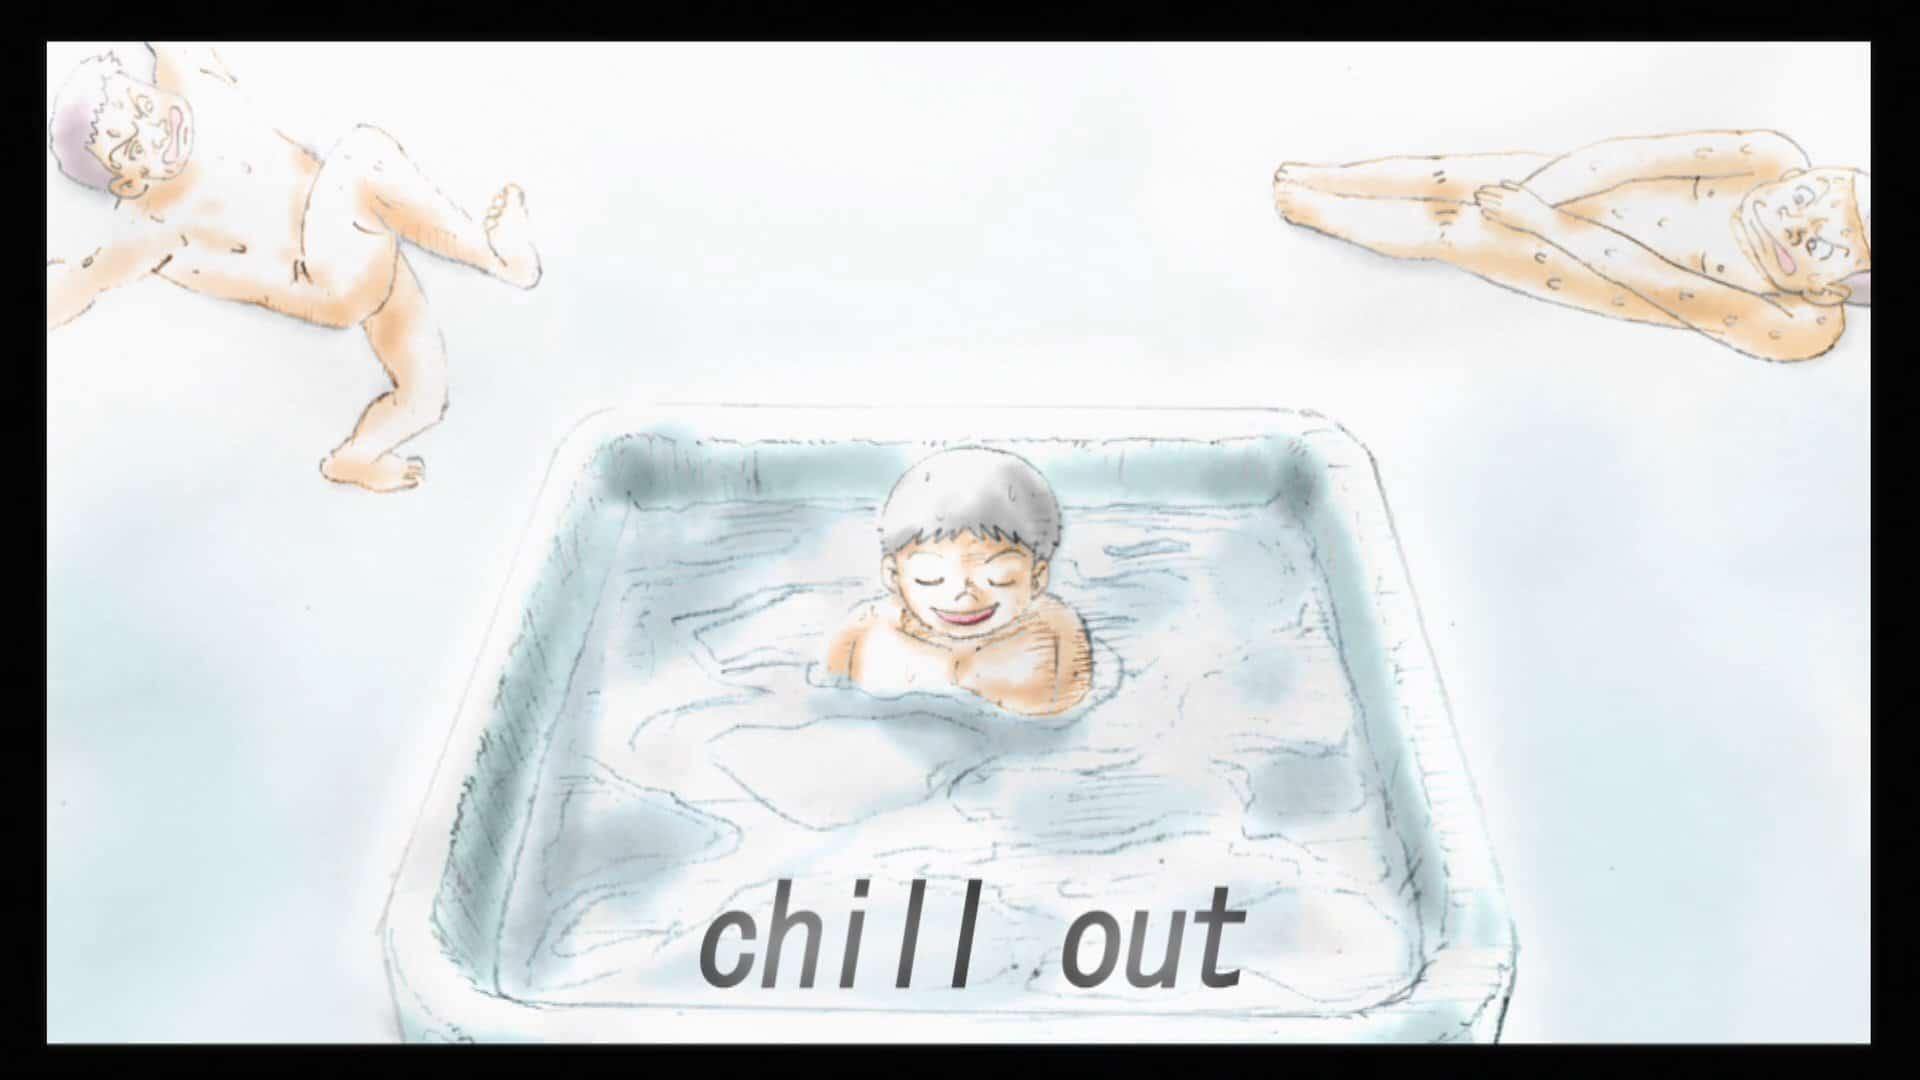 soundcloudに自作アレンジ「とんかつDJアゲ太郎 Chill mix」追加